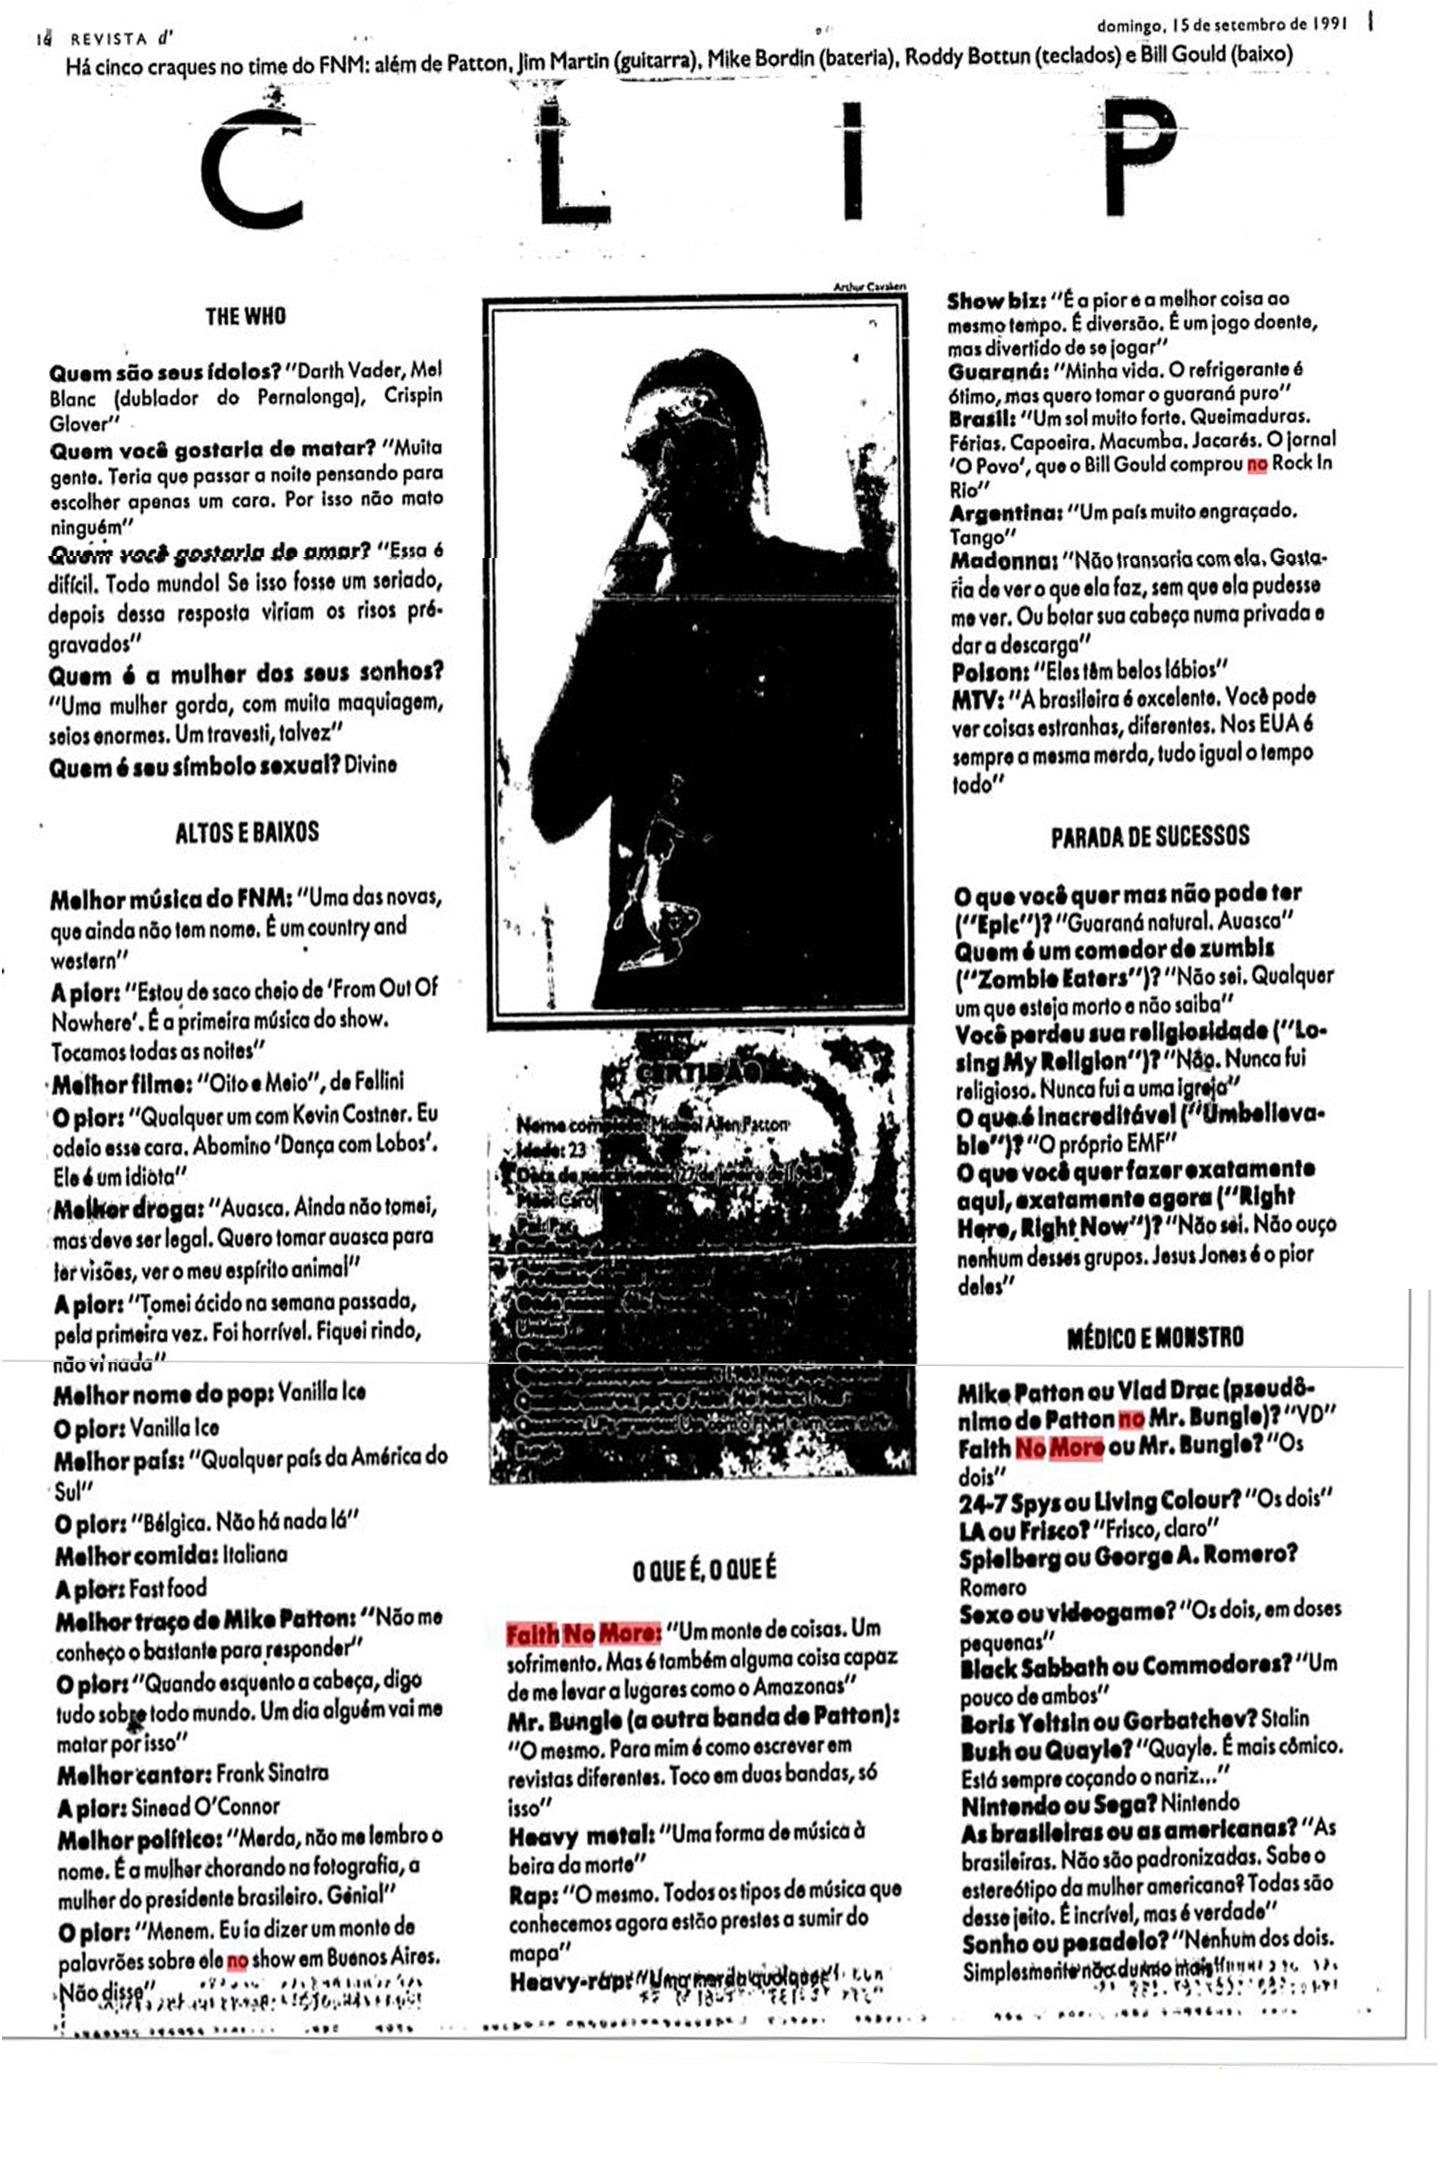 Jornal Folha edição 1991